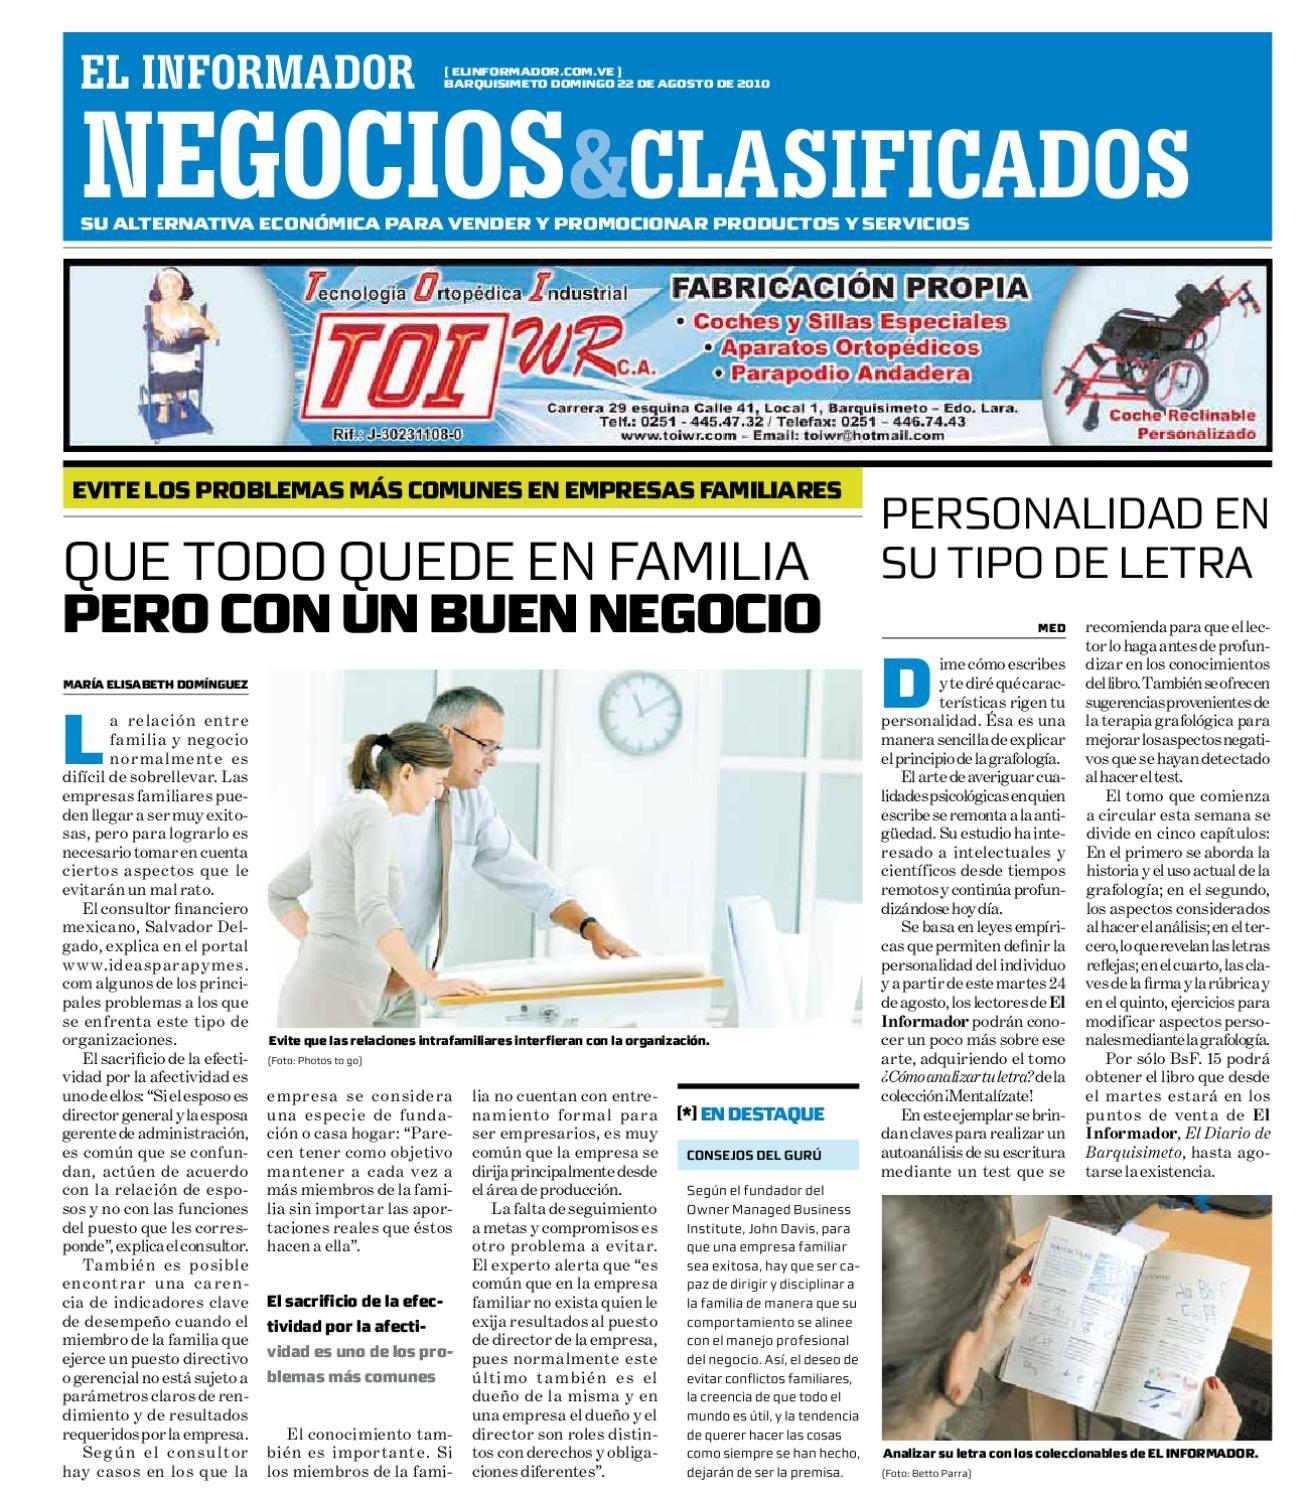 negocios y clasificados 2010 08 22 by El Informador Diario online